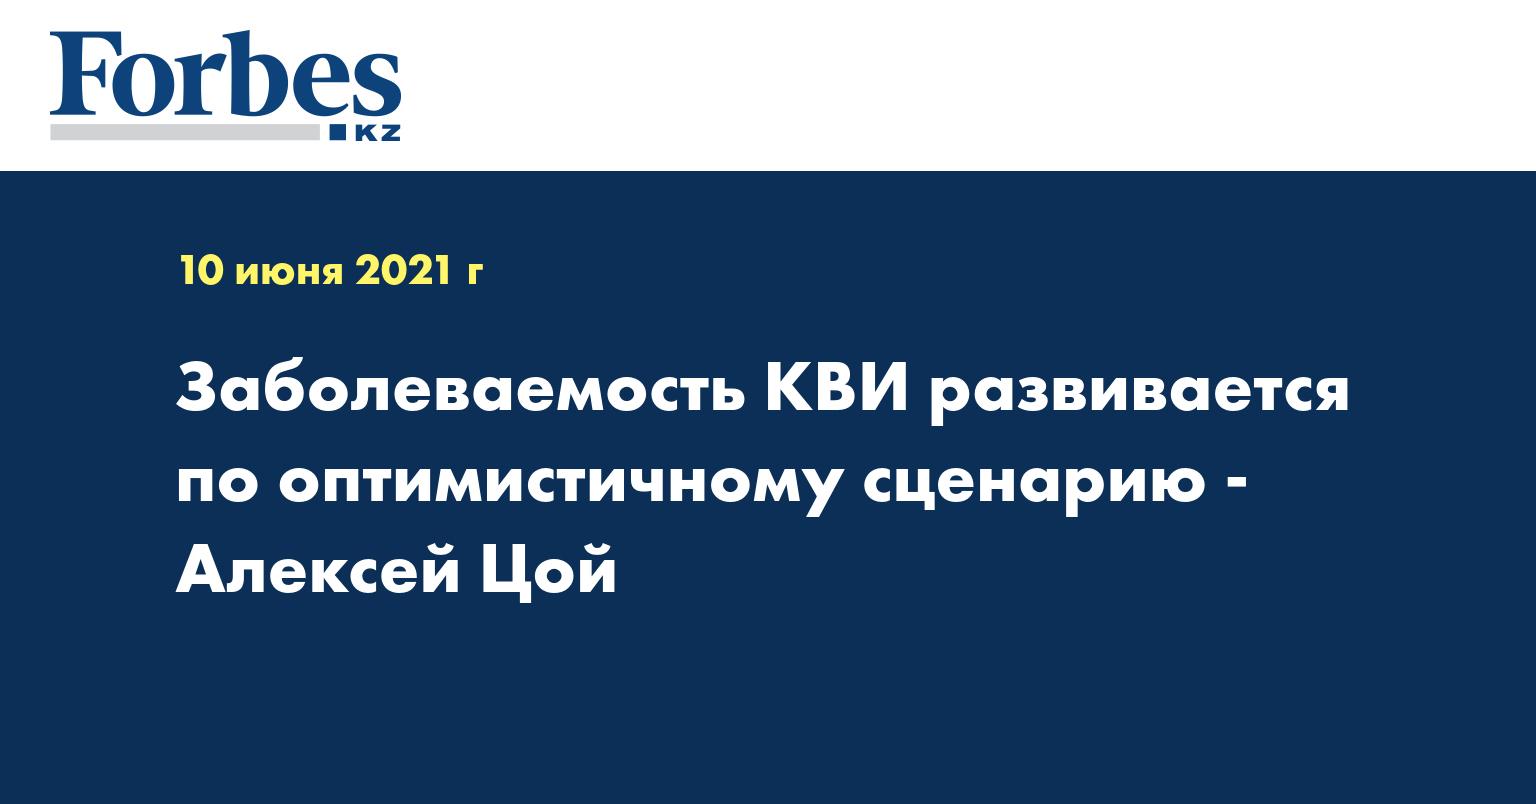 Заболеваемость КВИ  развивается по оптимистичному сценарию  - Алексей Цой